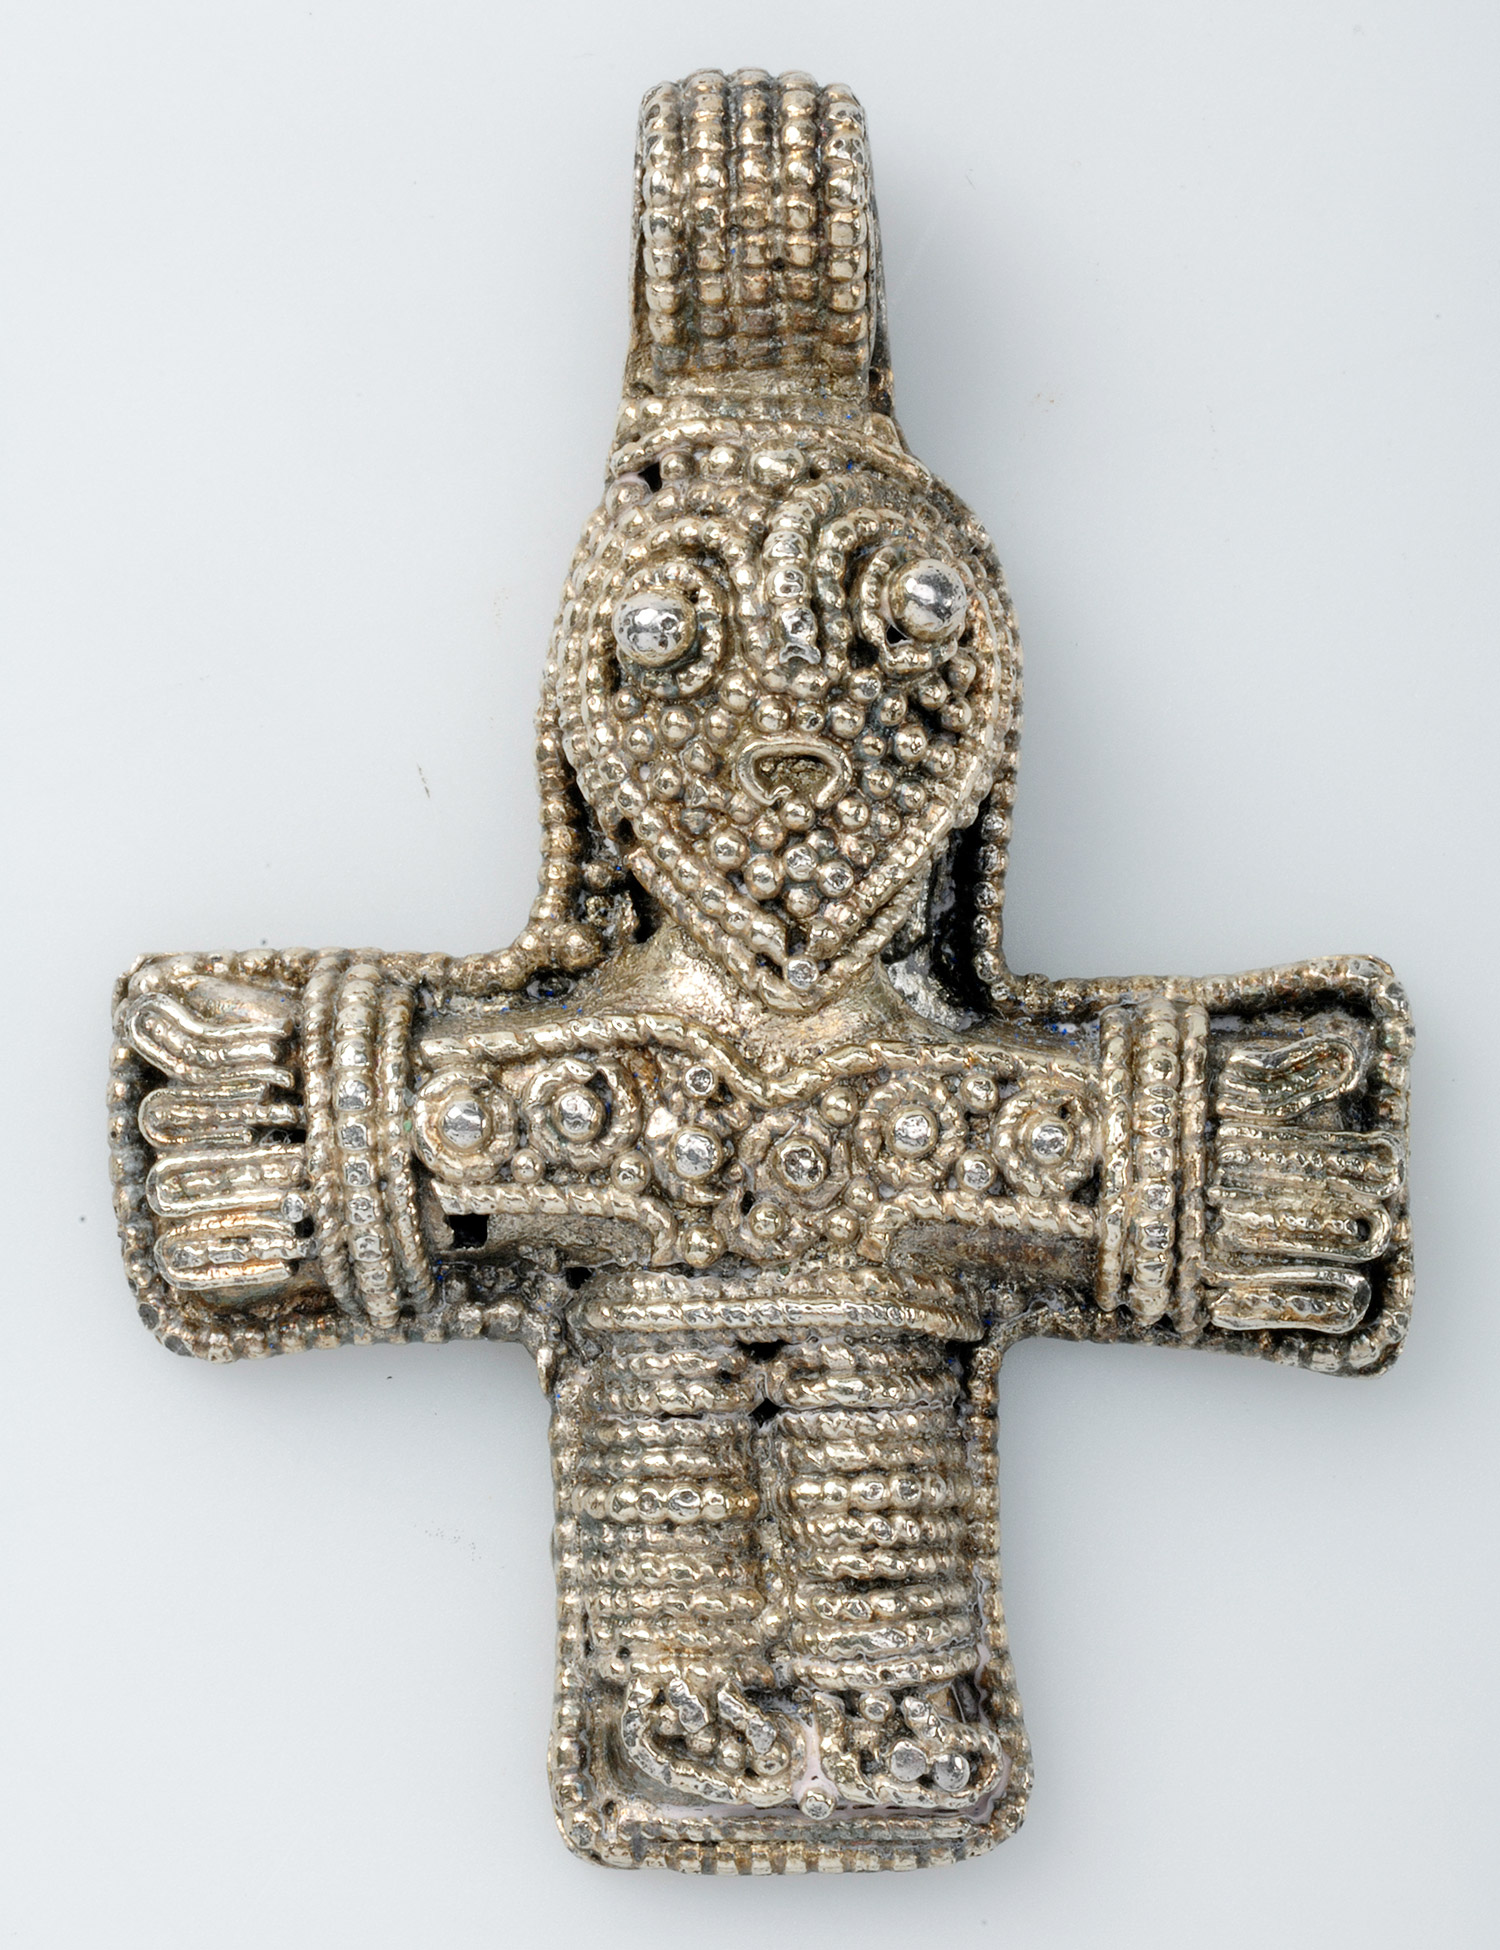 Распятие, серебряный кулон. Бьёркё, Швеция. Исторический музей Швеции